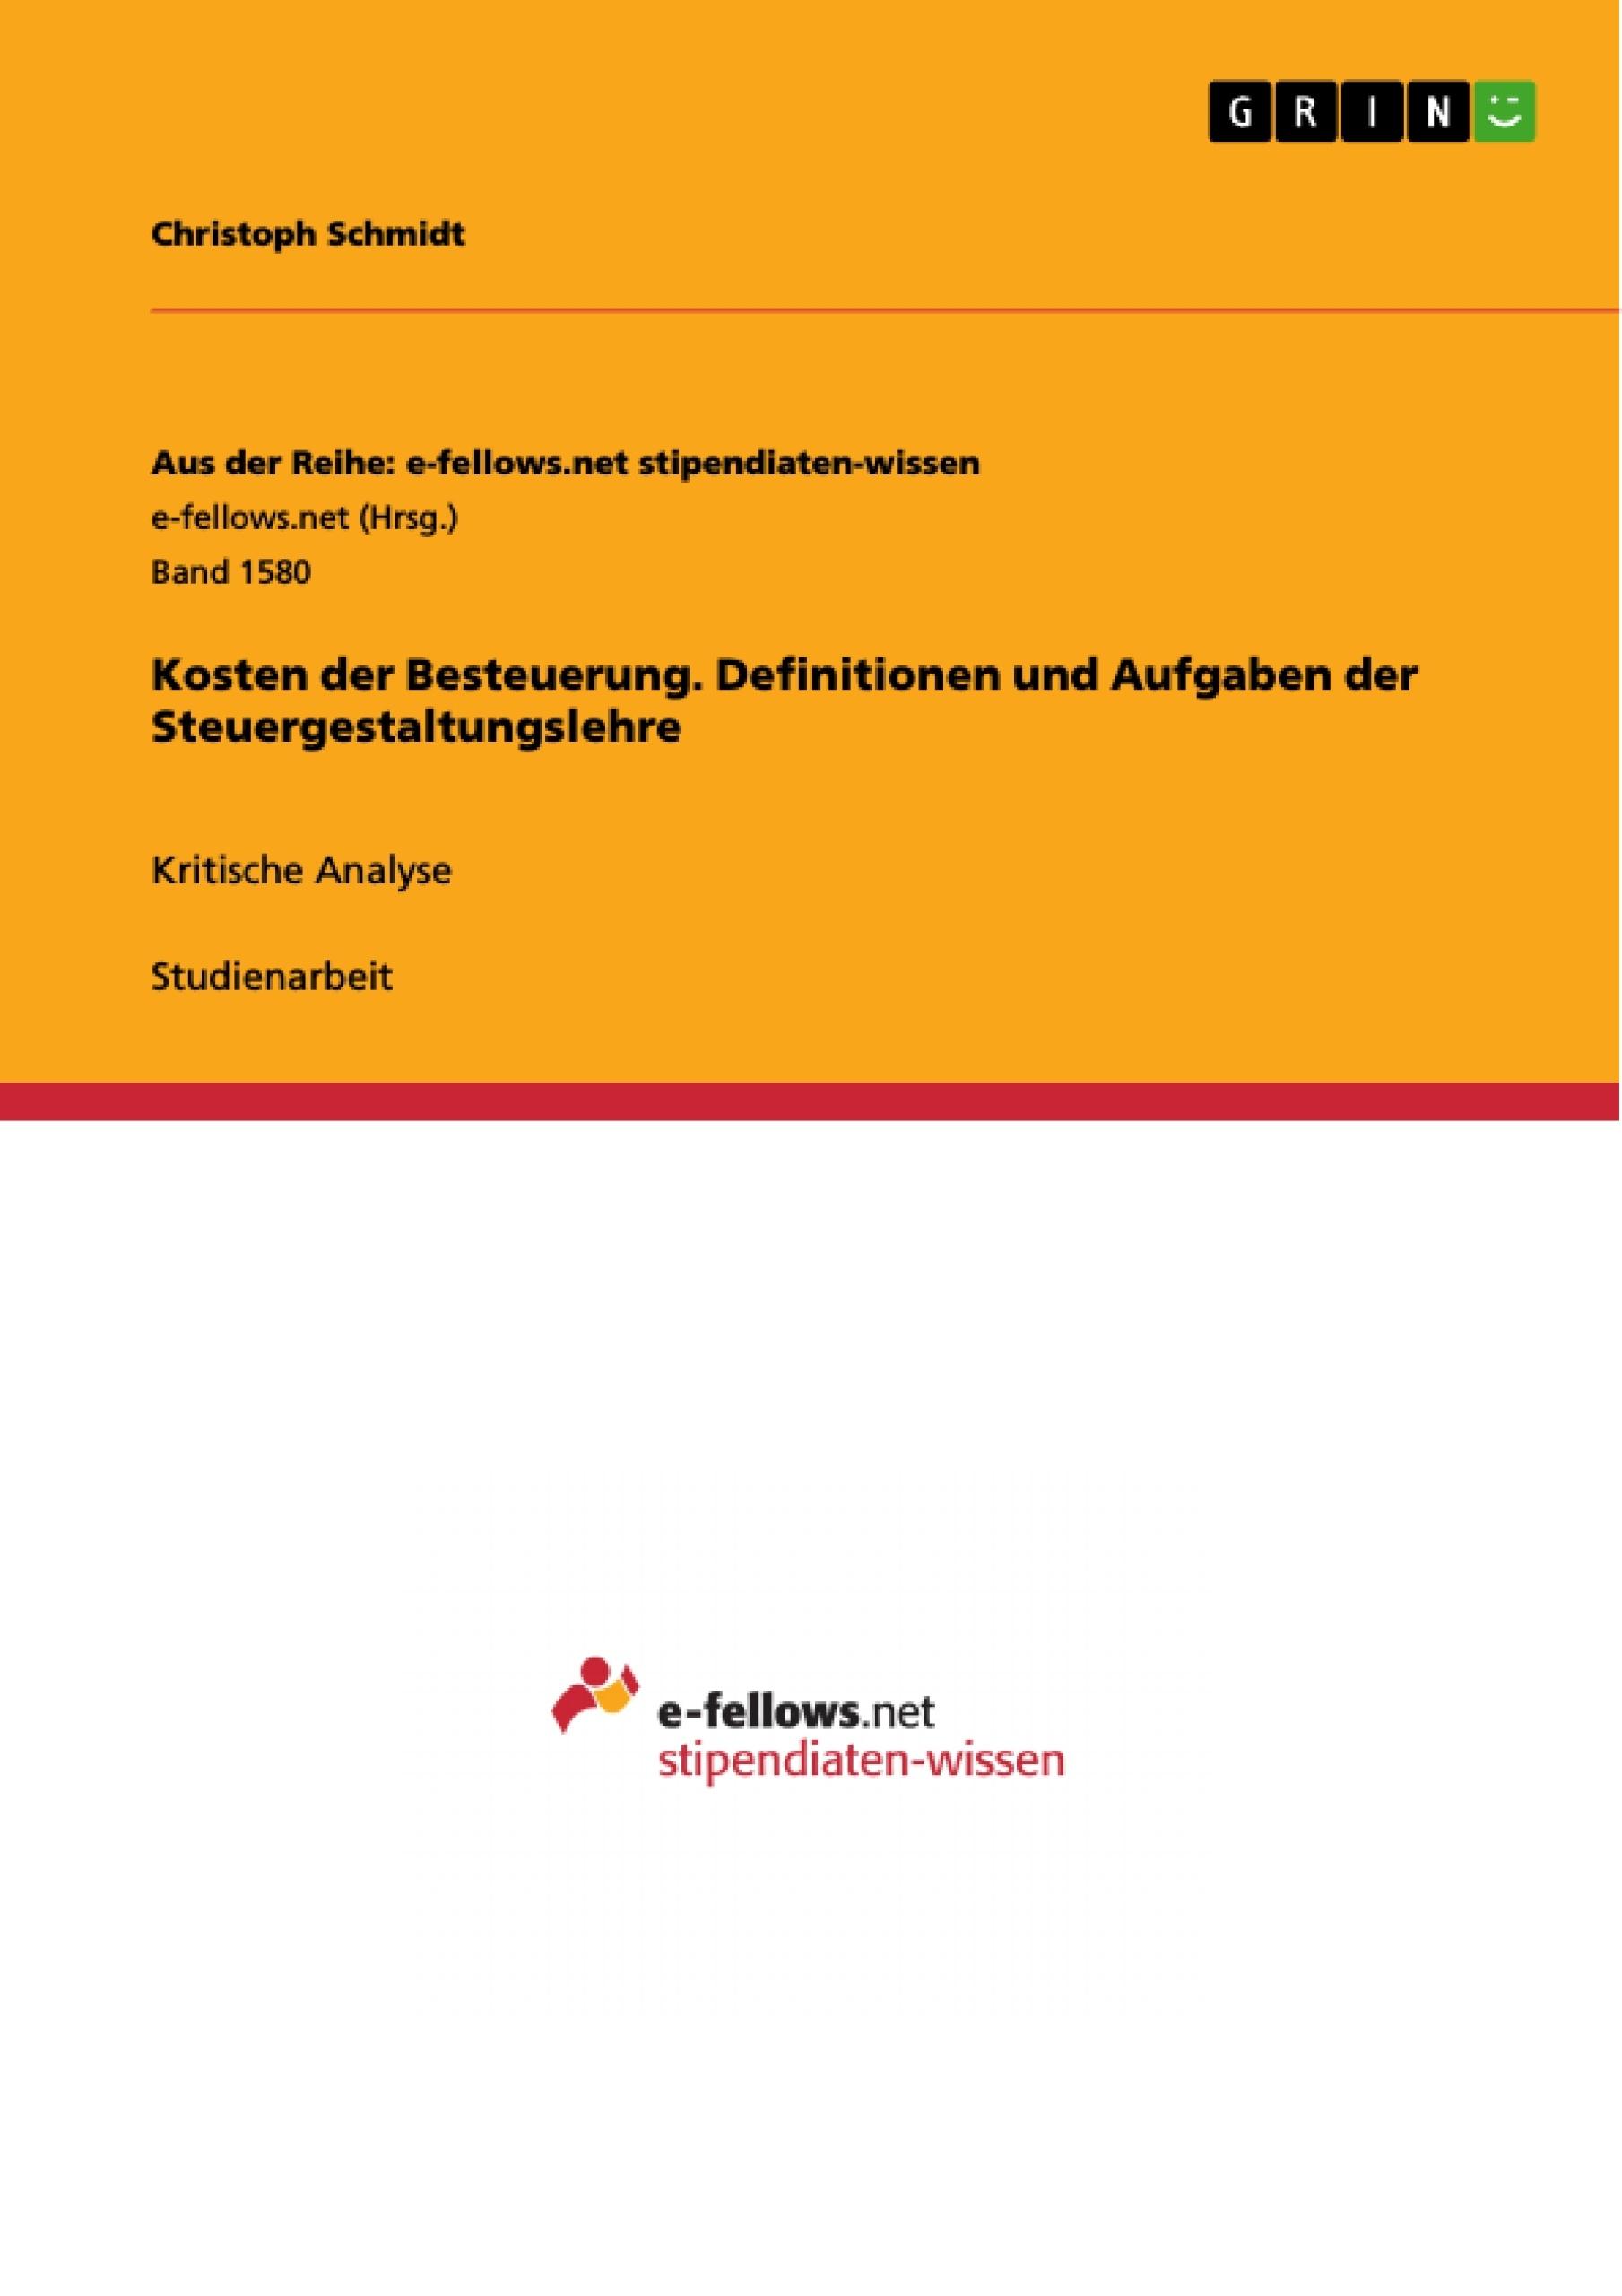 Titel: Kosten der Besteuerung. Definitionen und Aufgaben der Steuergestaltungslehre